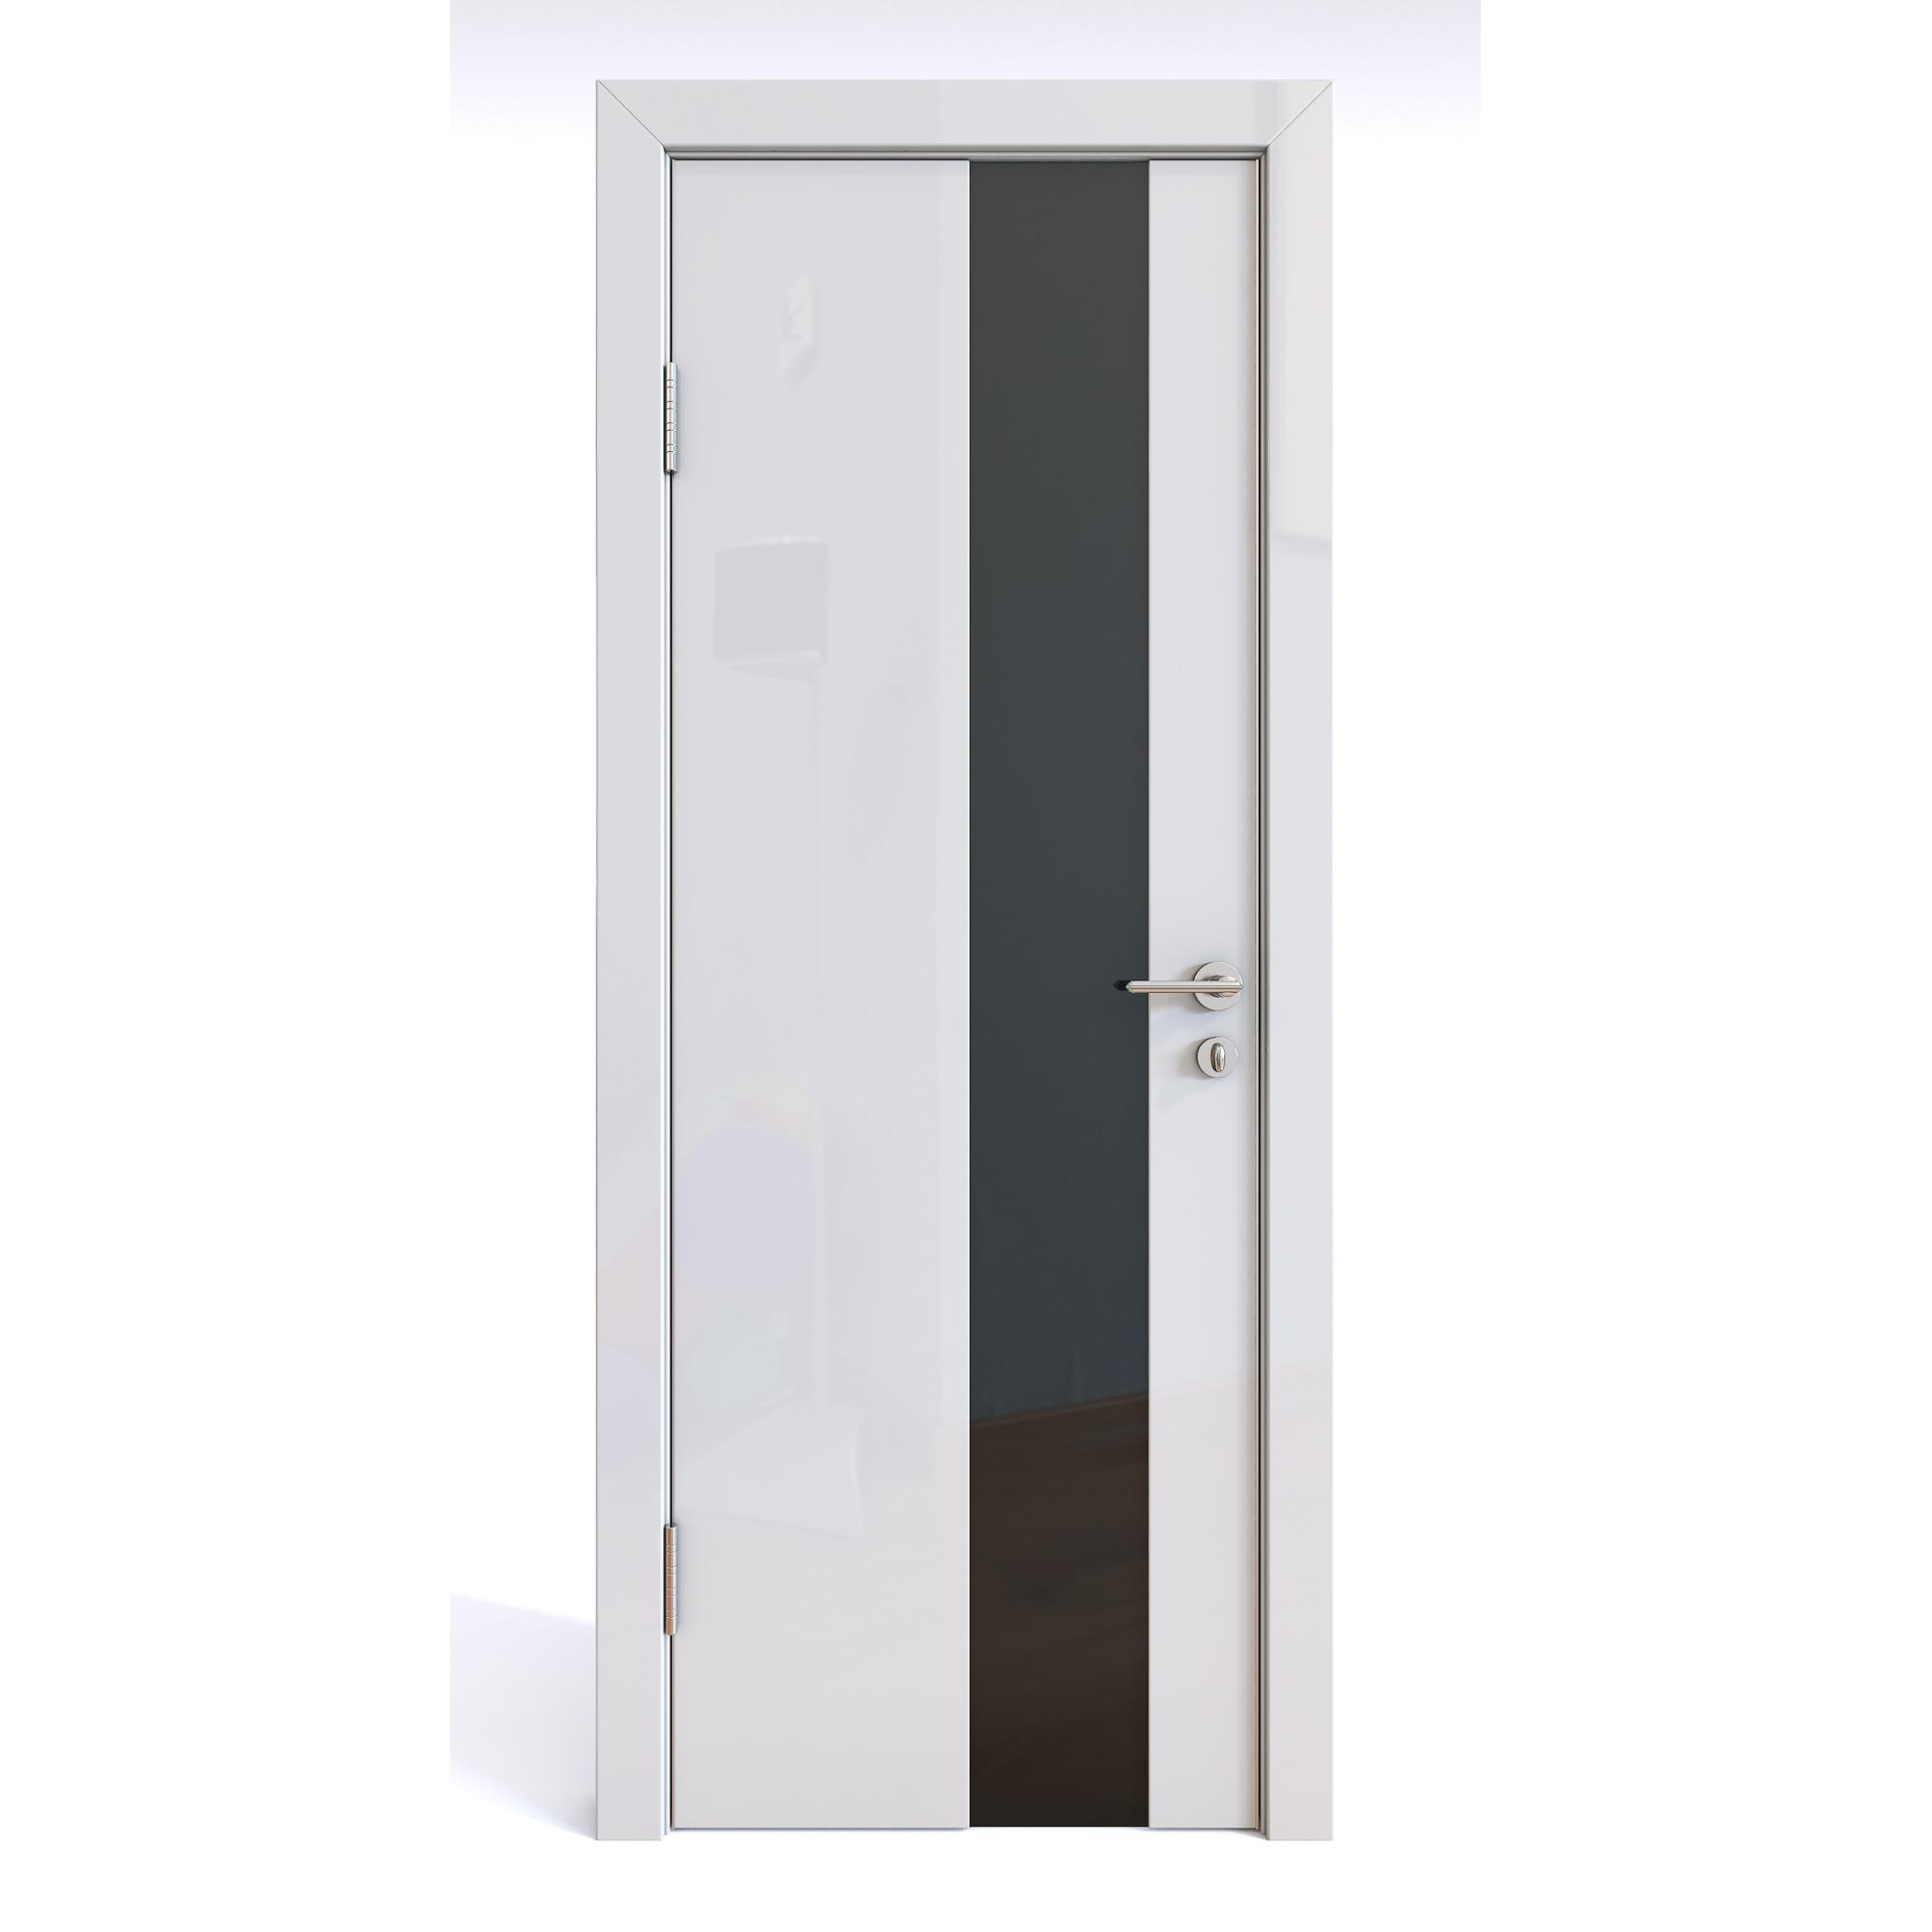 Межкомнатная дверь ДО-504/2 Белый глянец/черное 200х80 фото